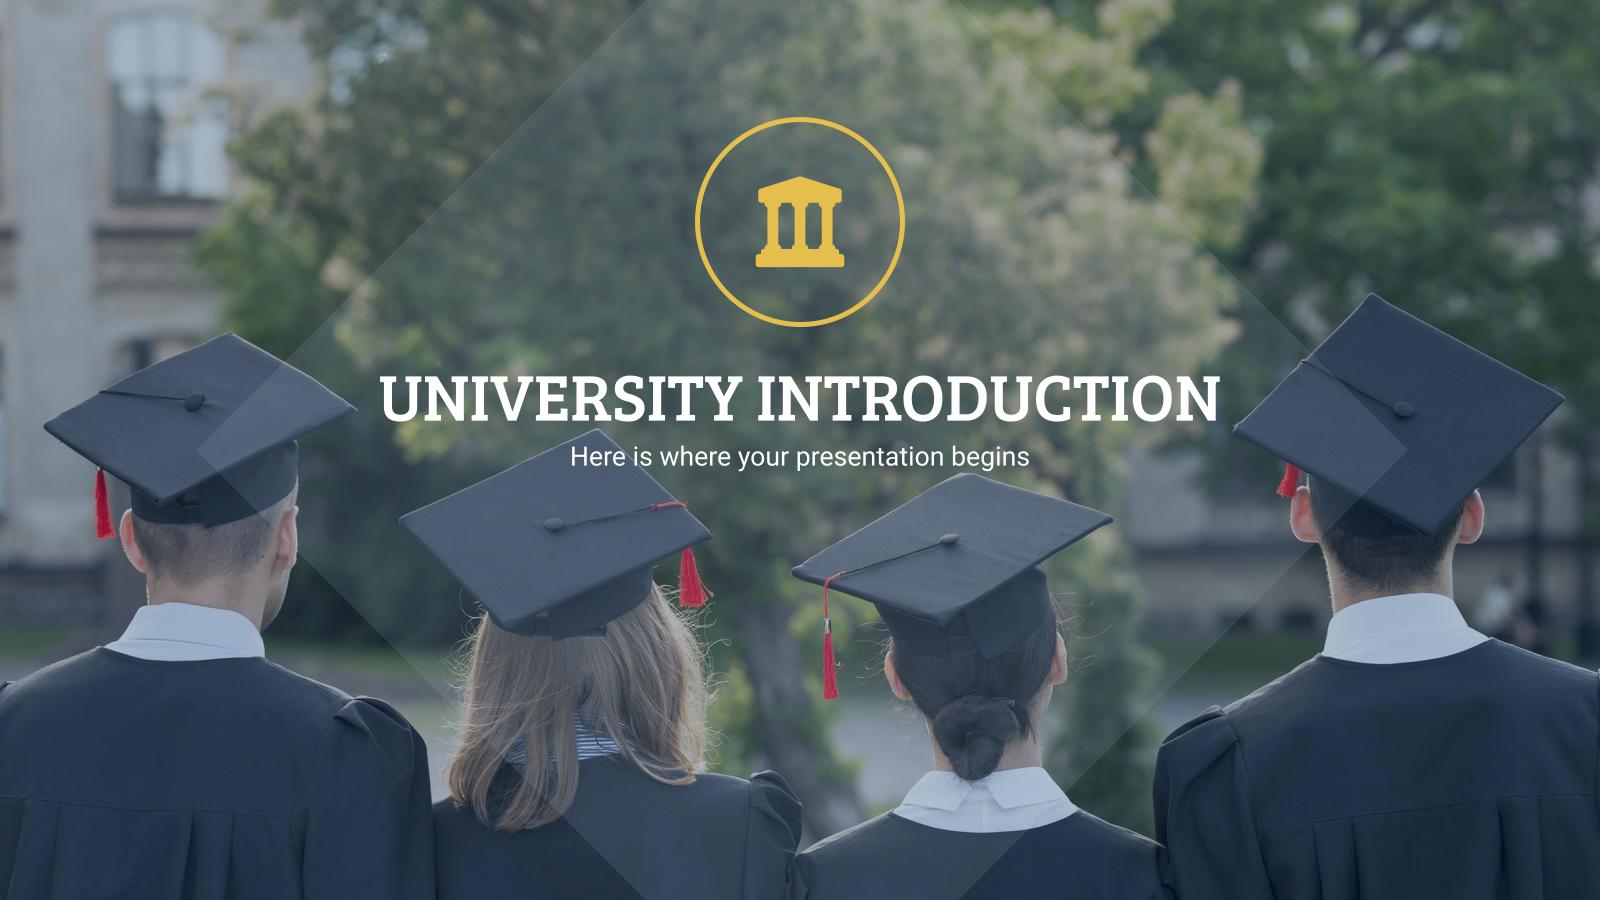 Introduction à l'Université : Modèles de présentation